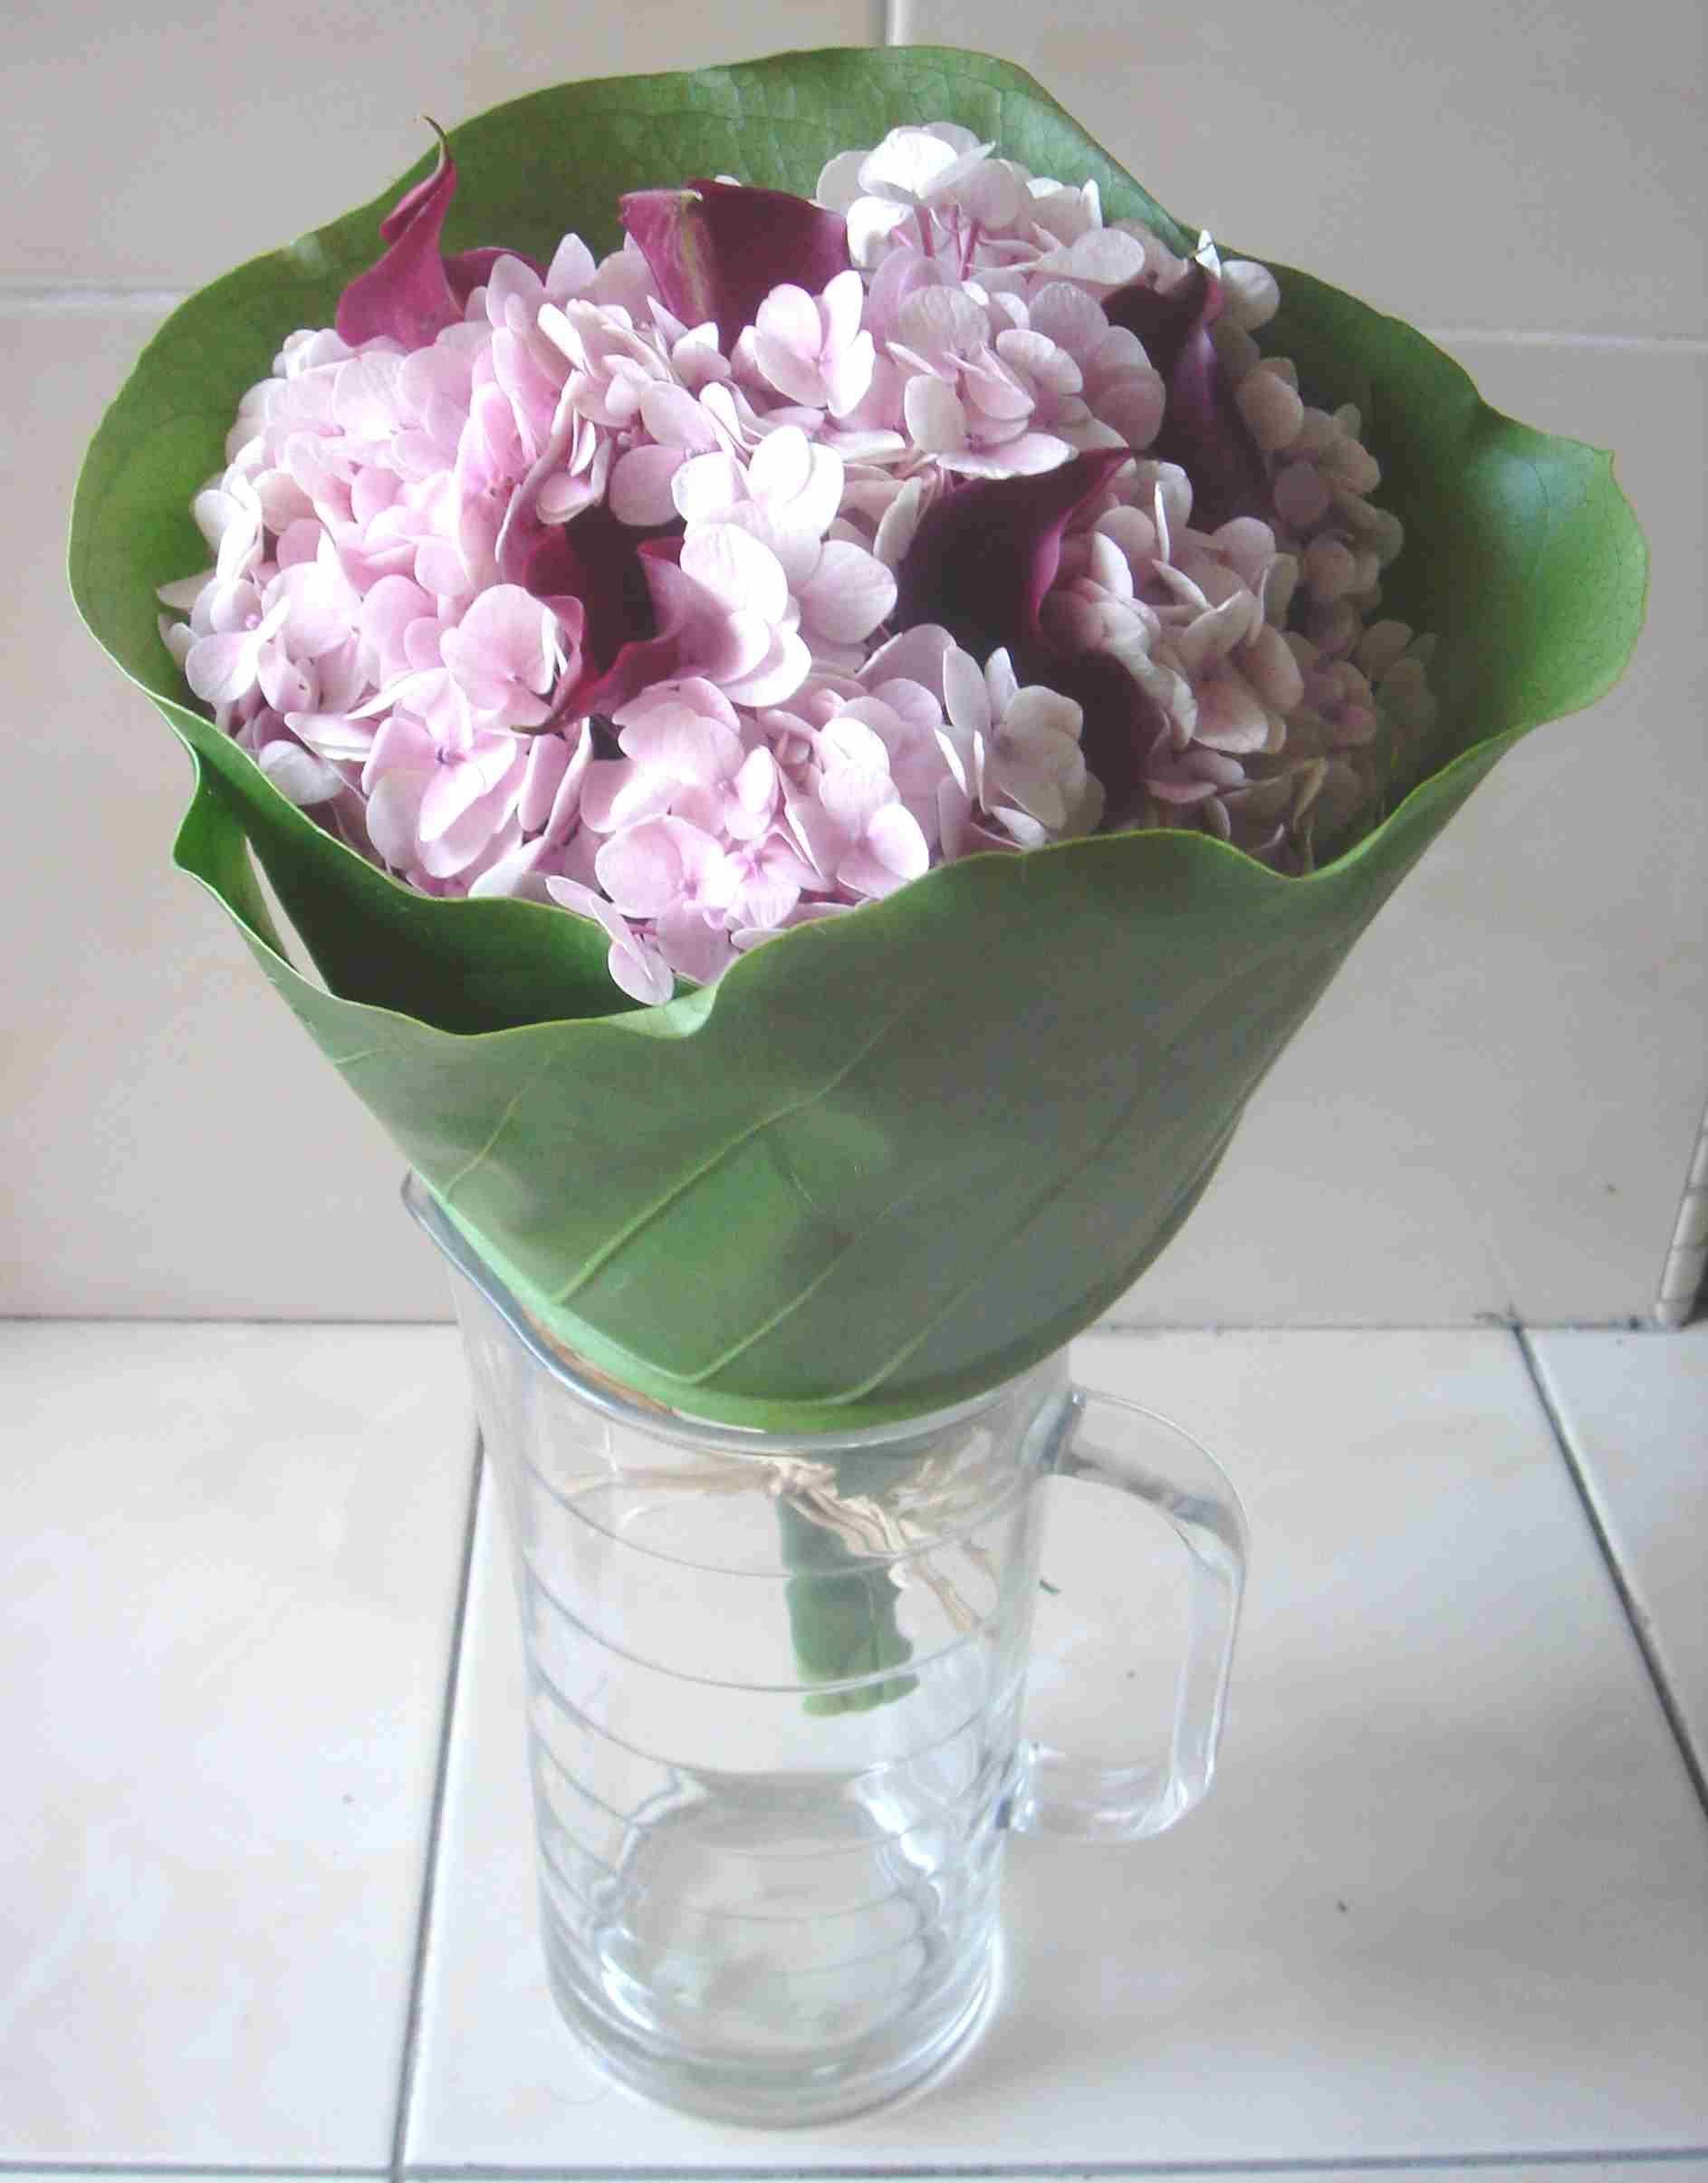 Diy briadal flower bouquets diy wedding flowers diy burgundy calla diy briadal flower bouquets diy wedding flowers diy burgundy calla lilies hand tied bouquet izmirmasajfo